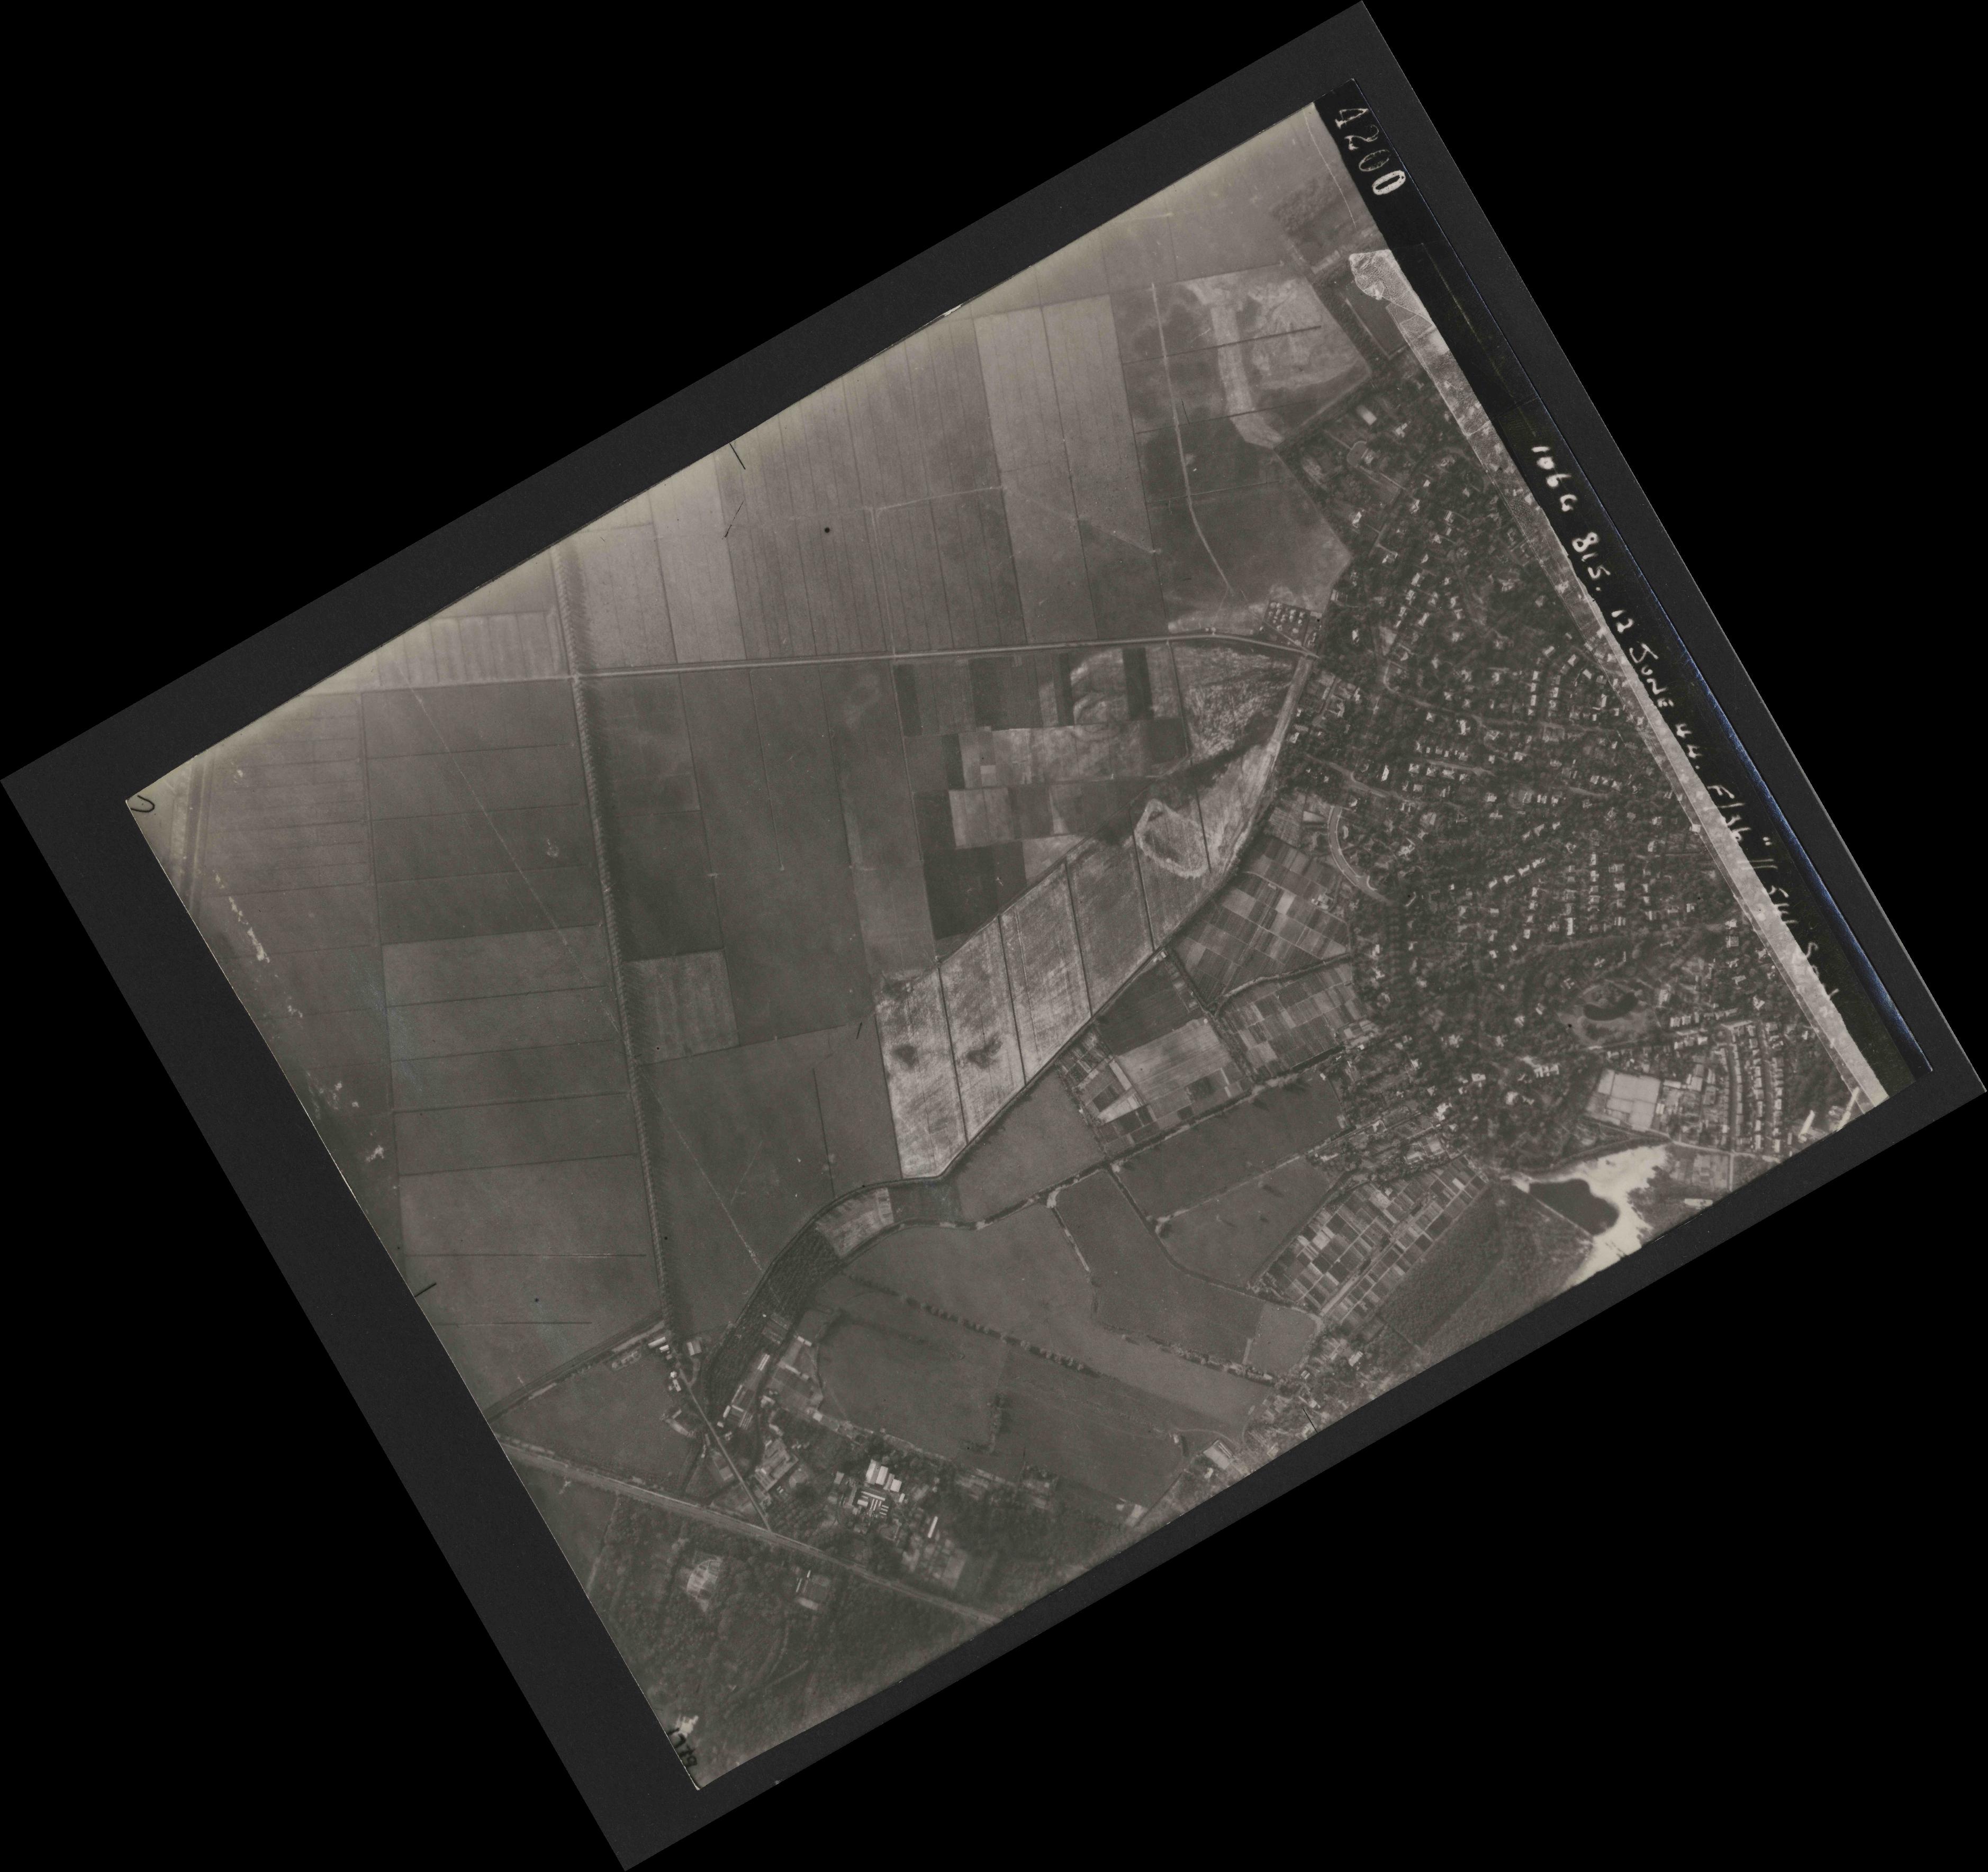 Collection RAF aerial photos 1940-1945 - flight 175, run 01, photo 4200